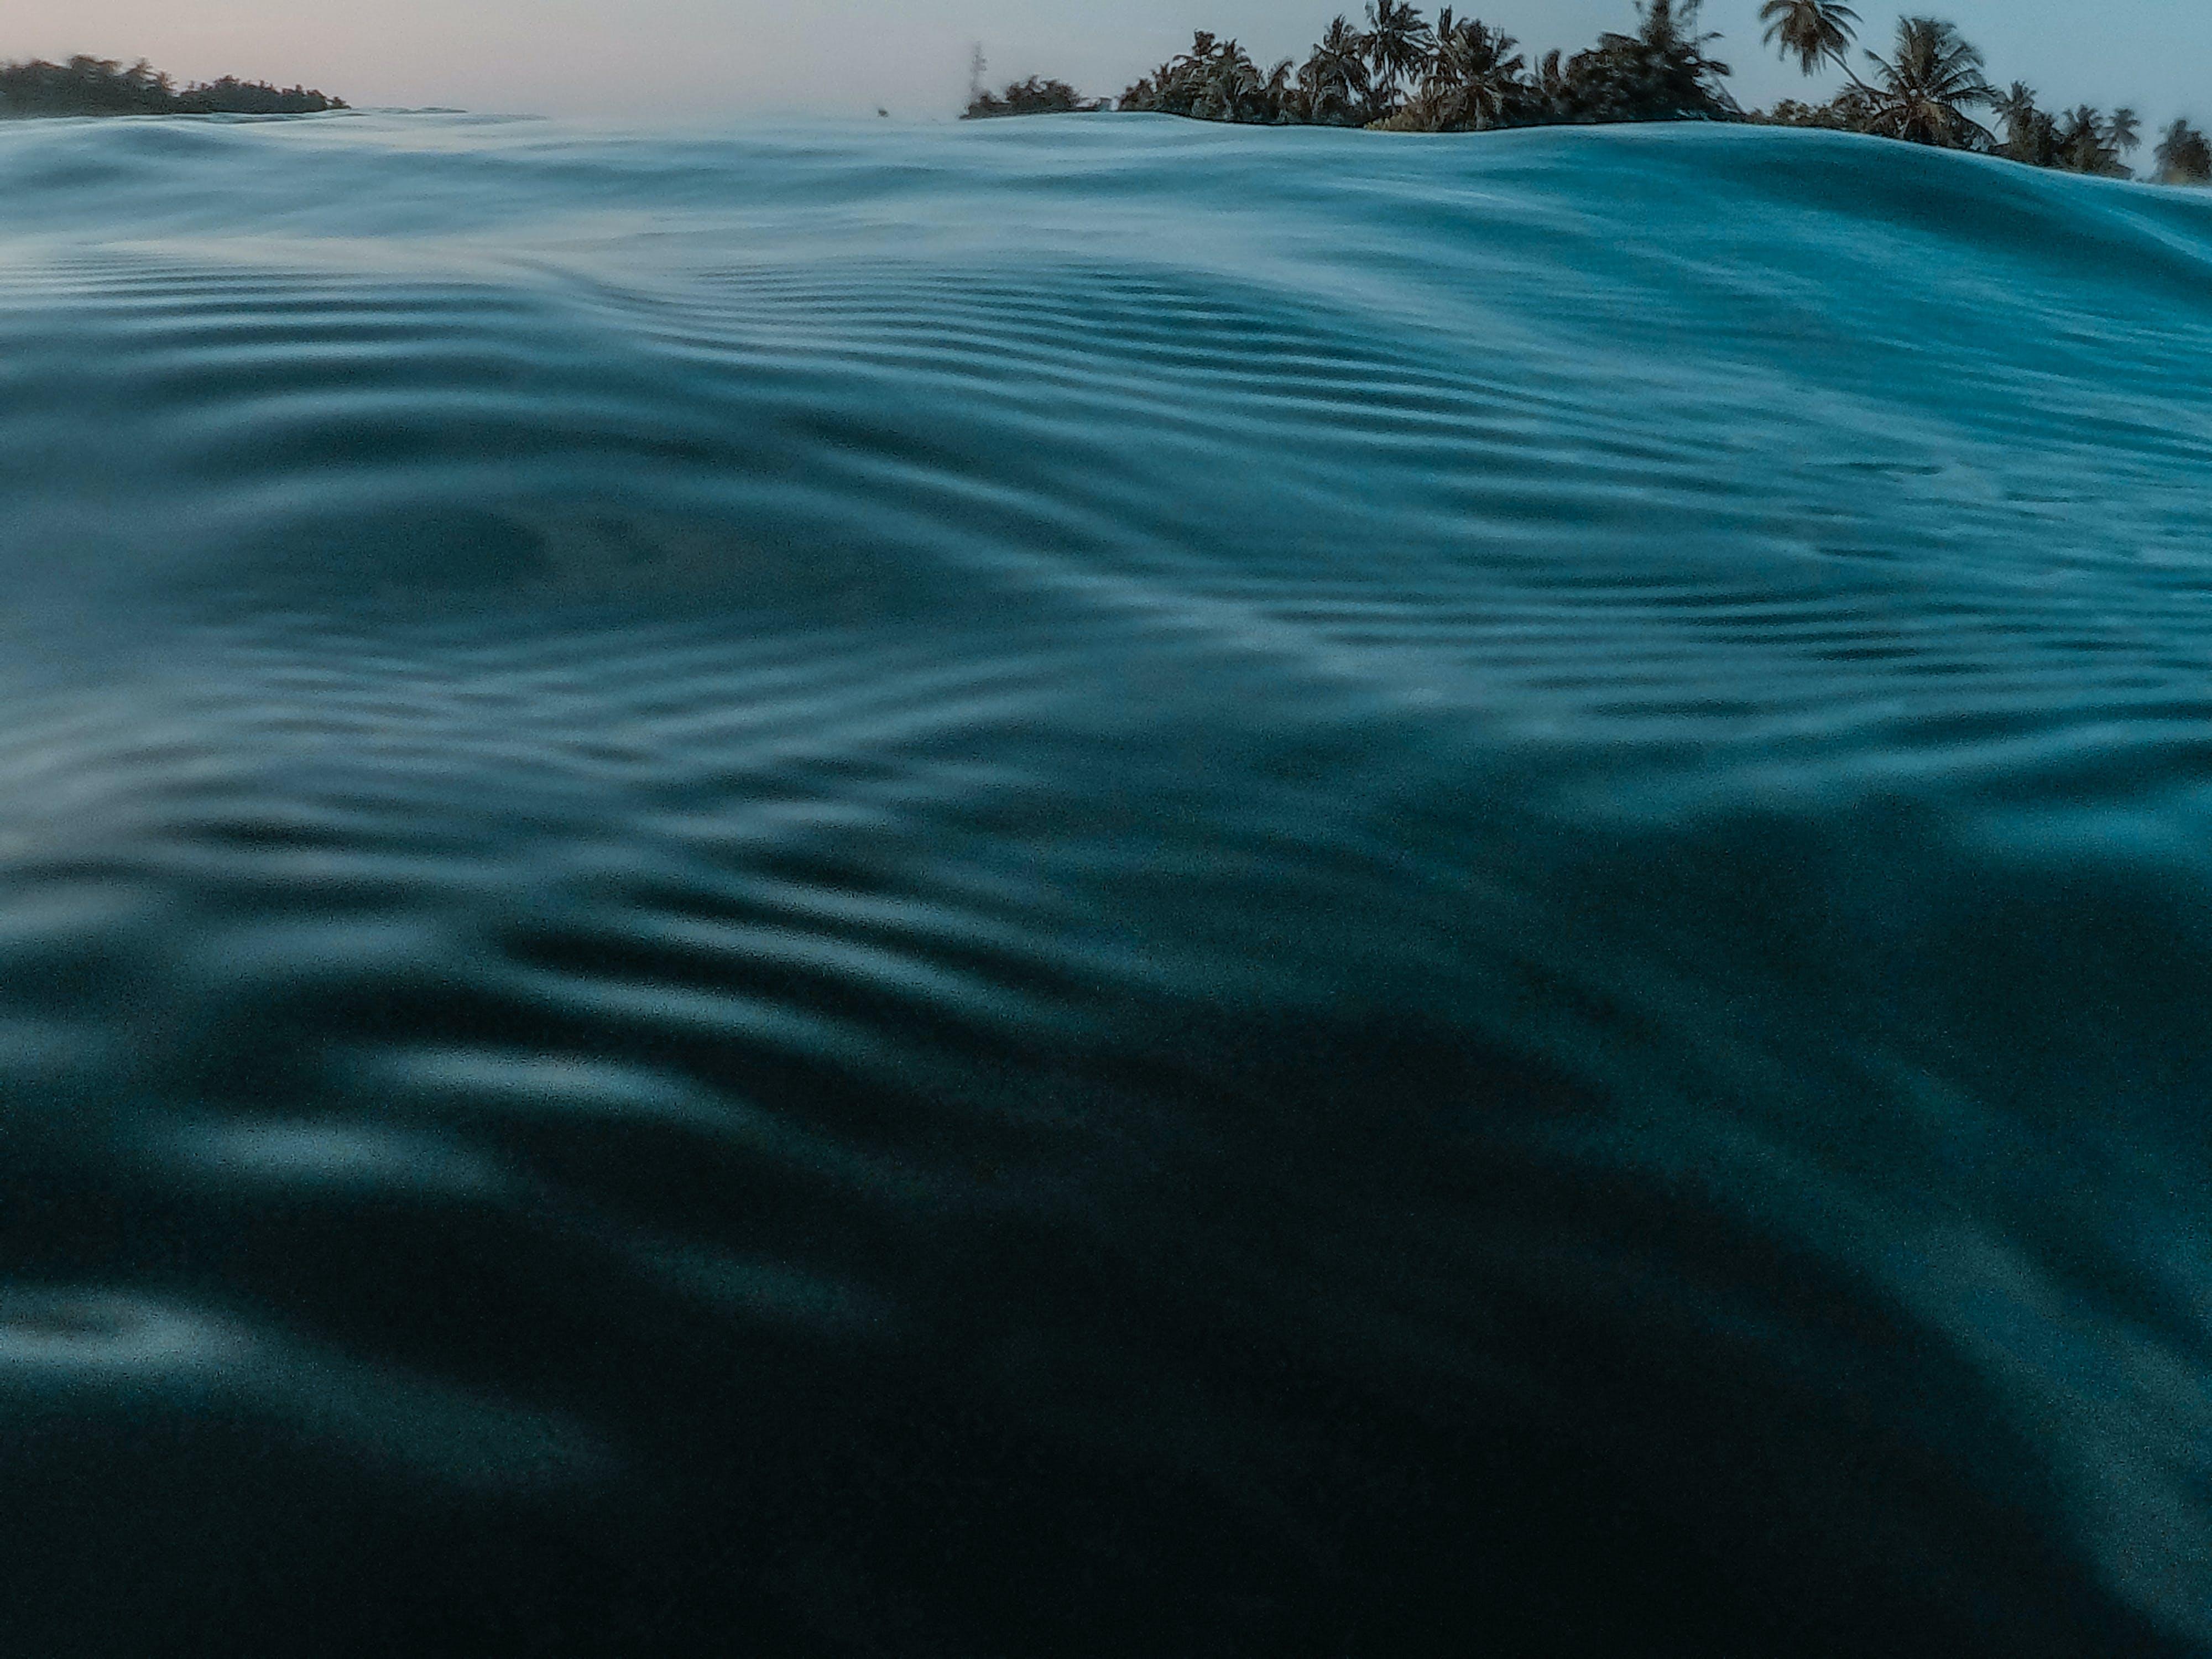 Immagine gratuita di acqua, acqua azzurra, azzurro, esterno